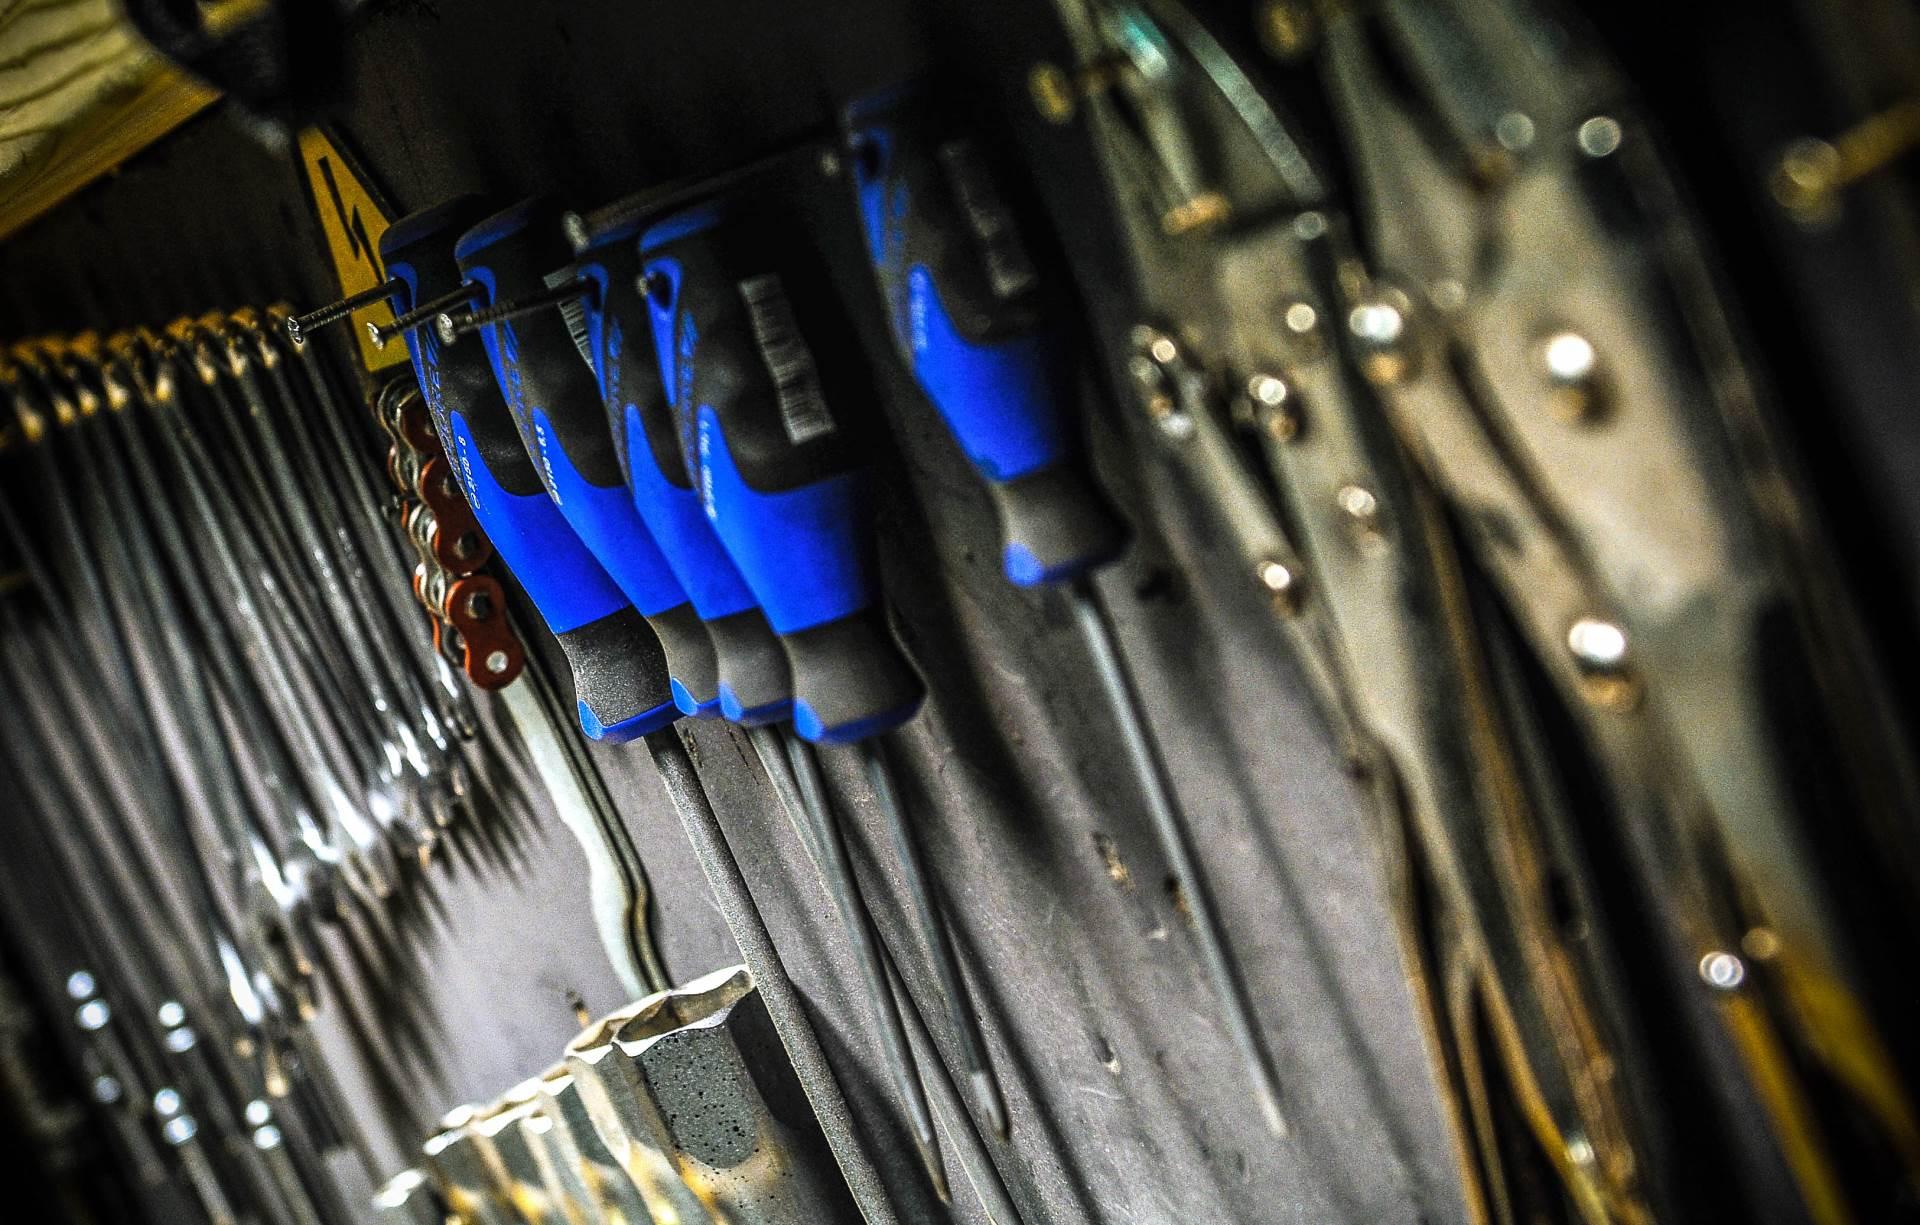 šrafciger, alat, klešta, majstor, automehaničar, popravka, kvar